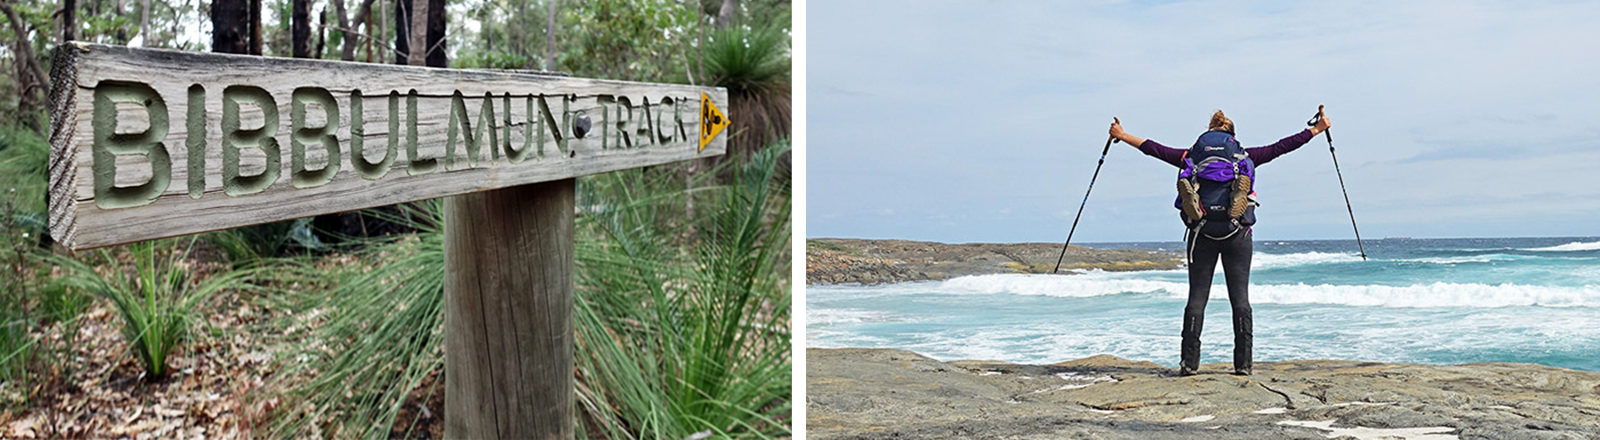 """Collage zweier Bilder: Ein Wegweiser im Wald mit der Aufschrift """"Bibbulmun Track"""" und Kathrin Heckman von hinten vor der Küste, die Arme mit den Wanderstöcken in der Hand reckt sie in die Luft."""